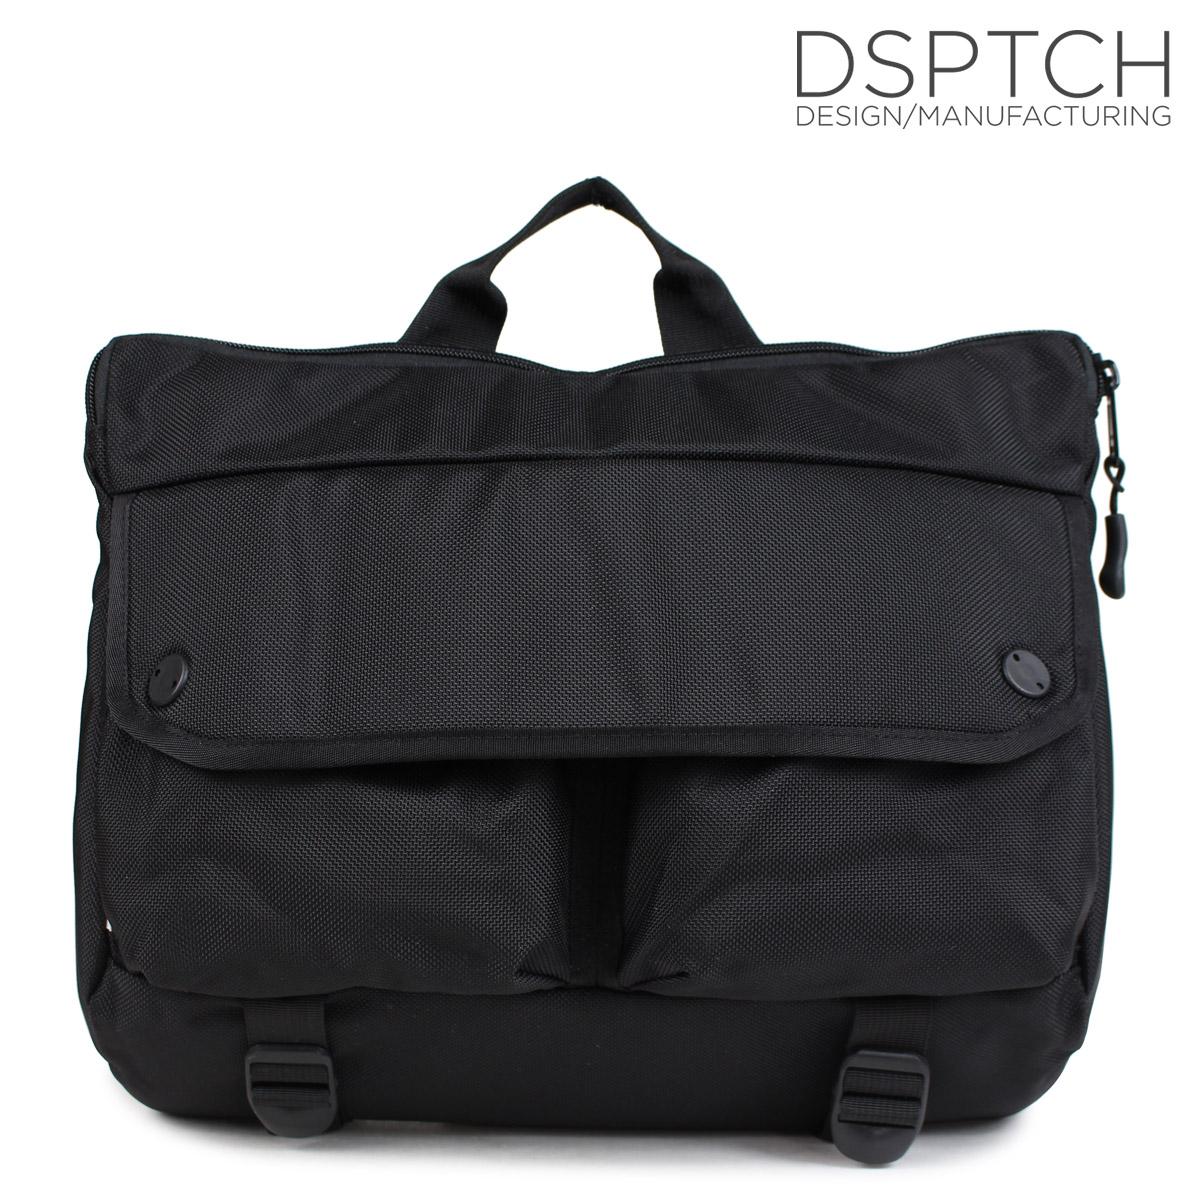 ディスパッチ DSPTCH バッグ ショルダーバッグ SHOULDER BAG 12L メンズ レディース ブラック PCK-SB [10/9 新入荷]